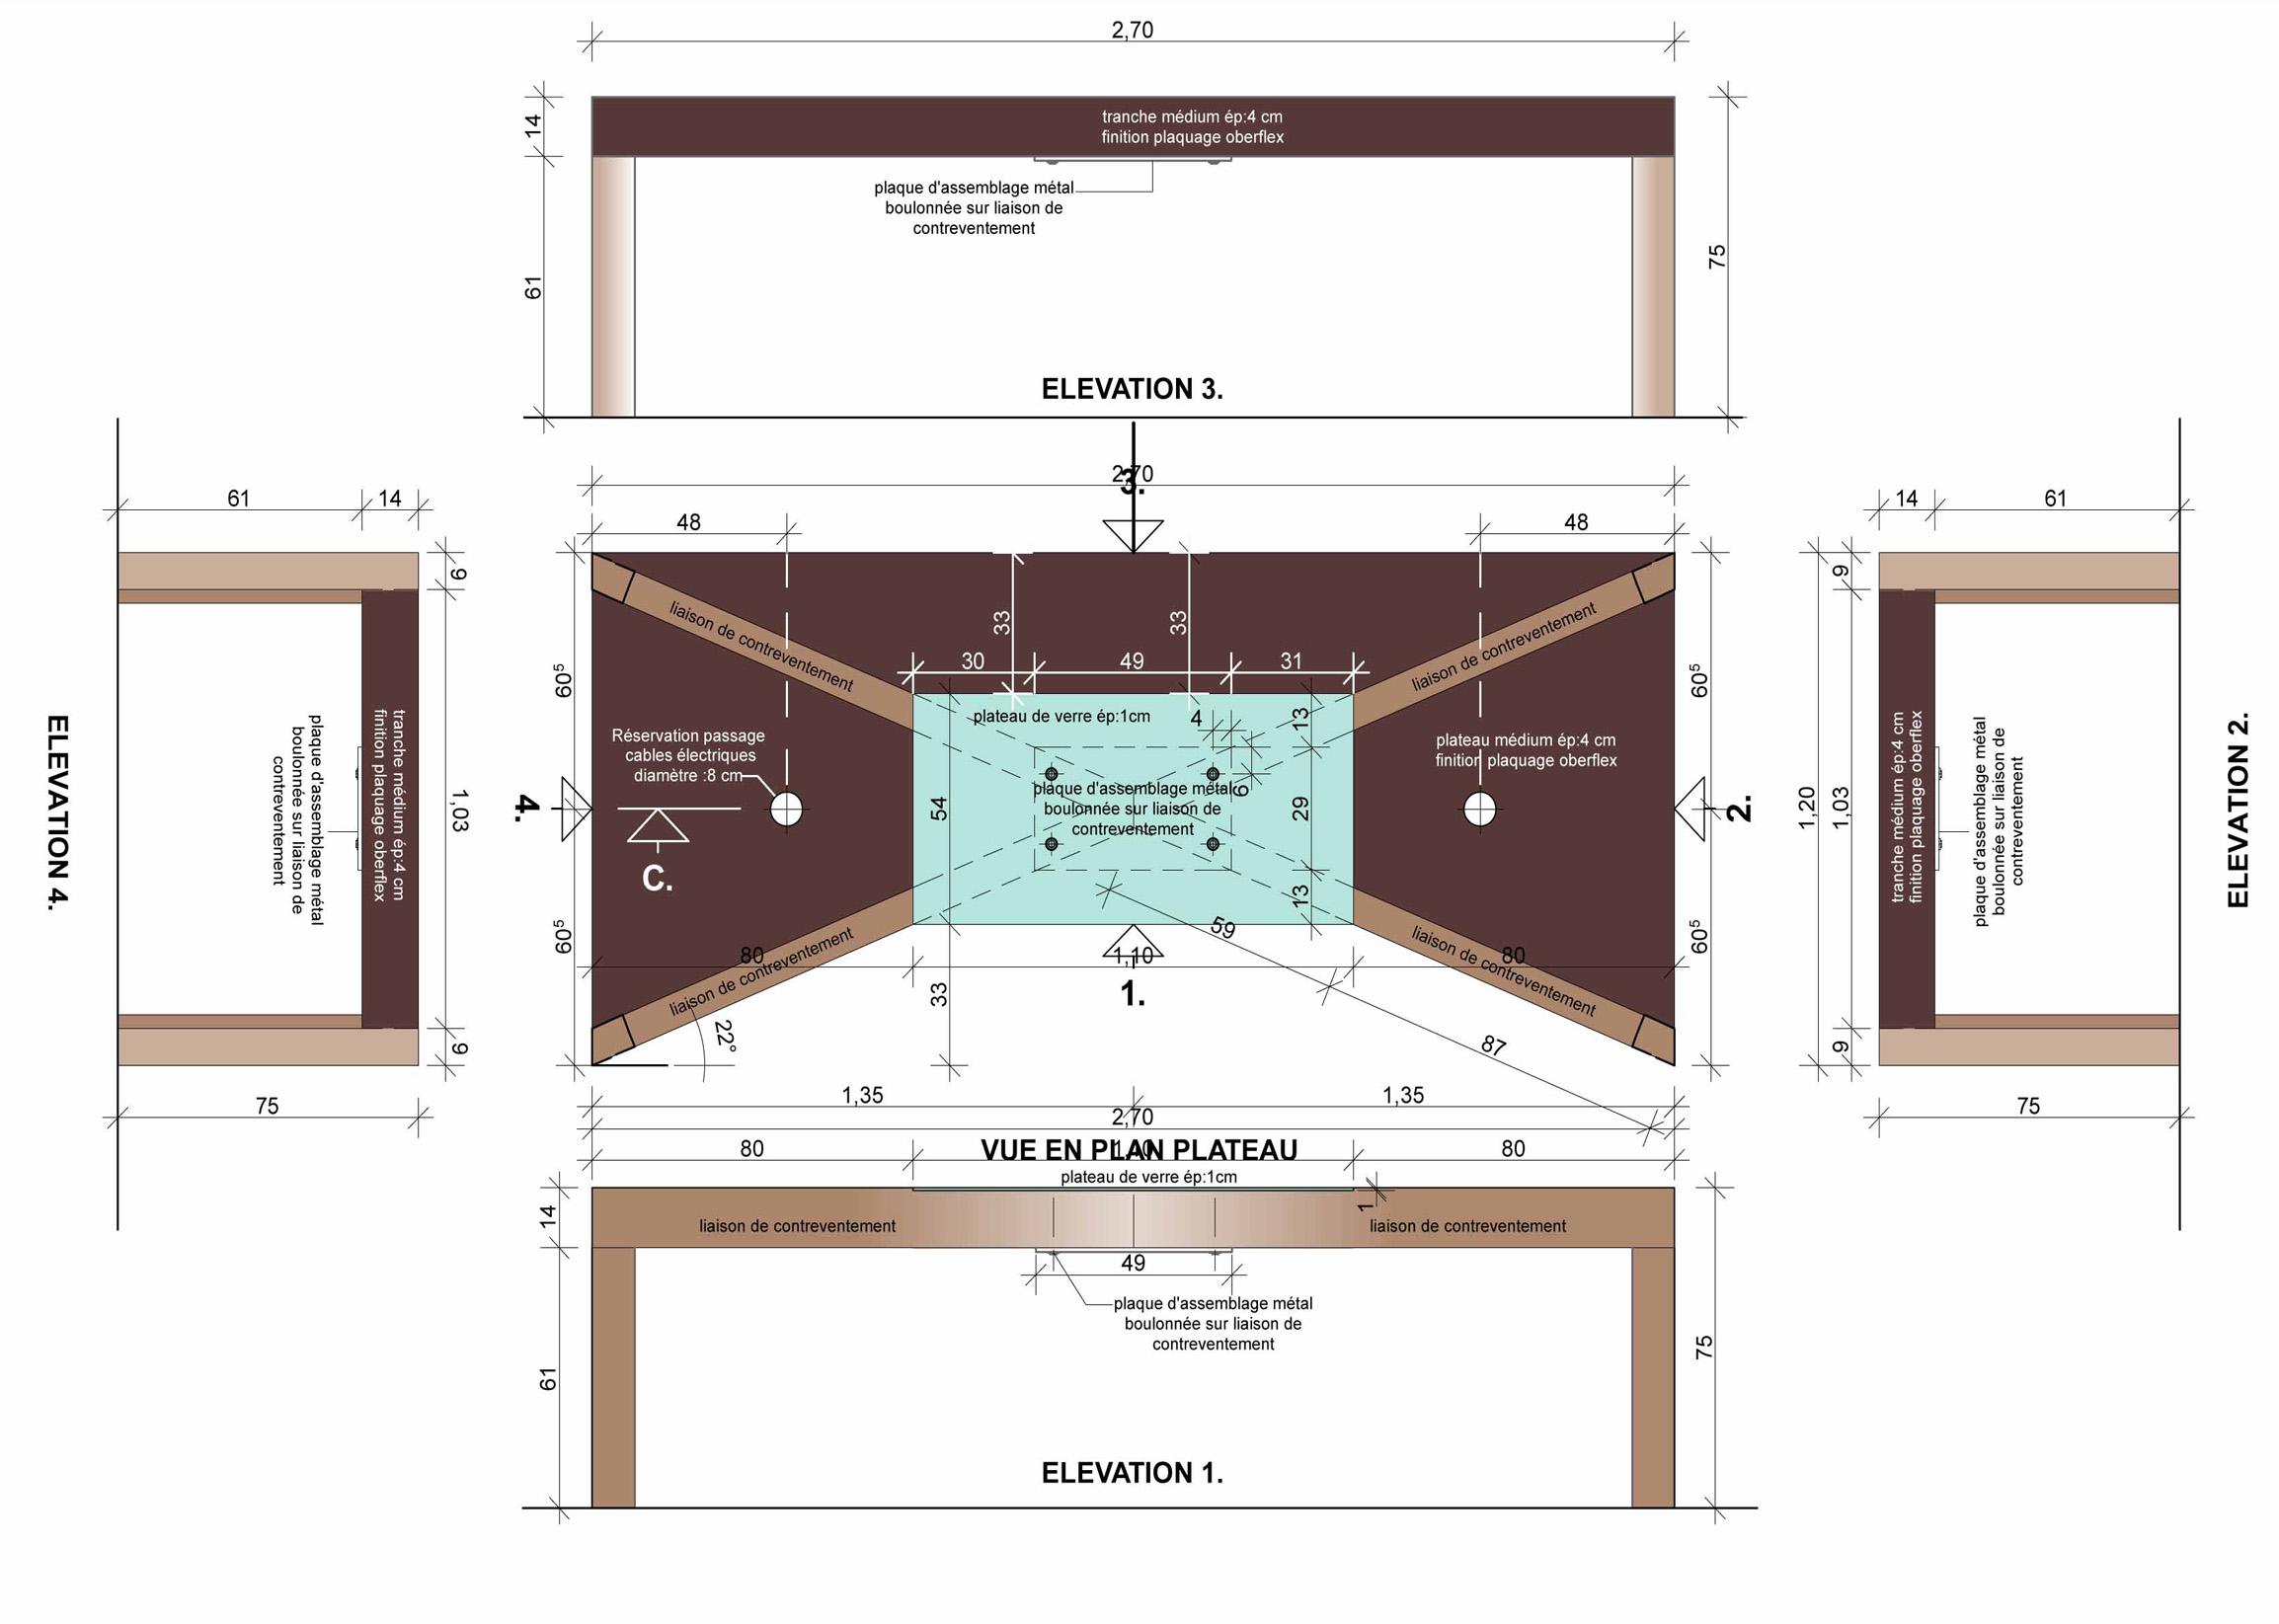 PLANCHE DETAIL 1 DE CONSTRUCTION